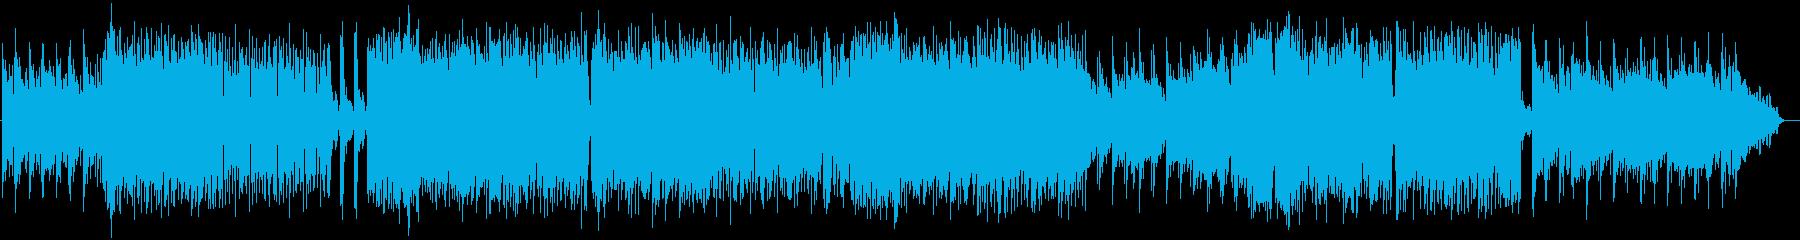 爽やかで切ないロックバラードの再生済みの波形